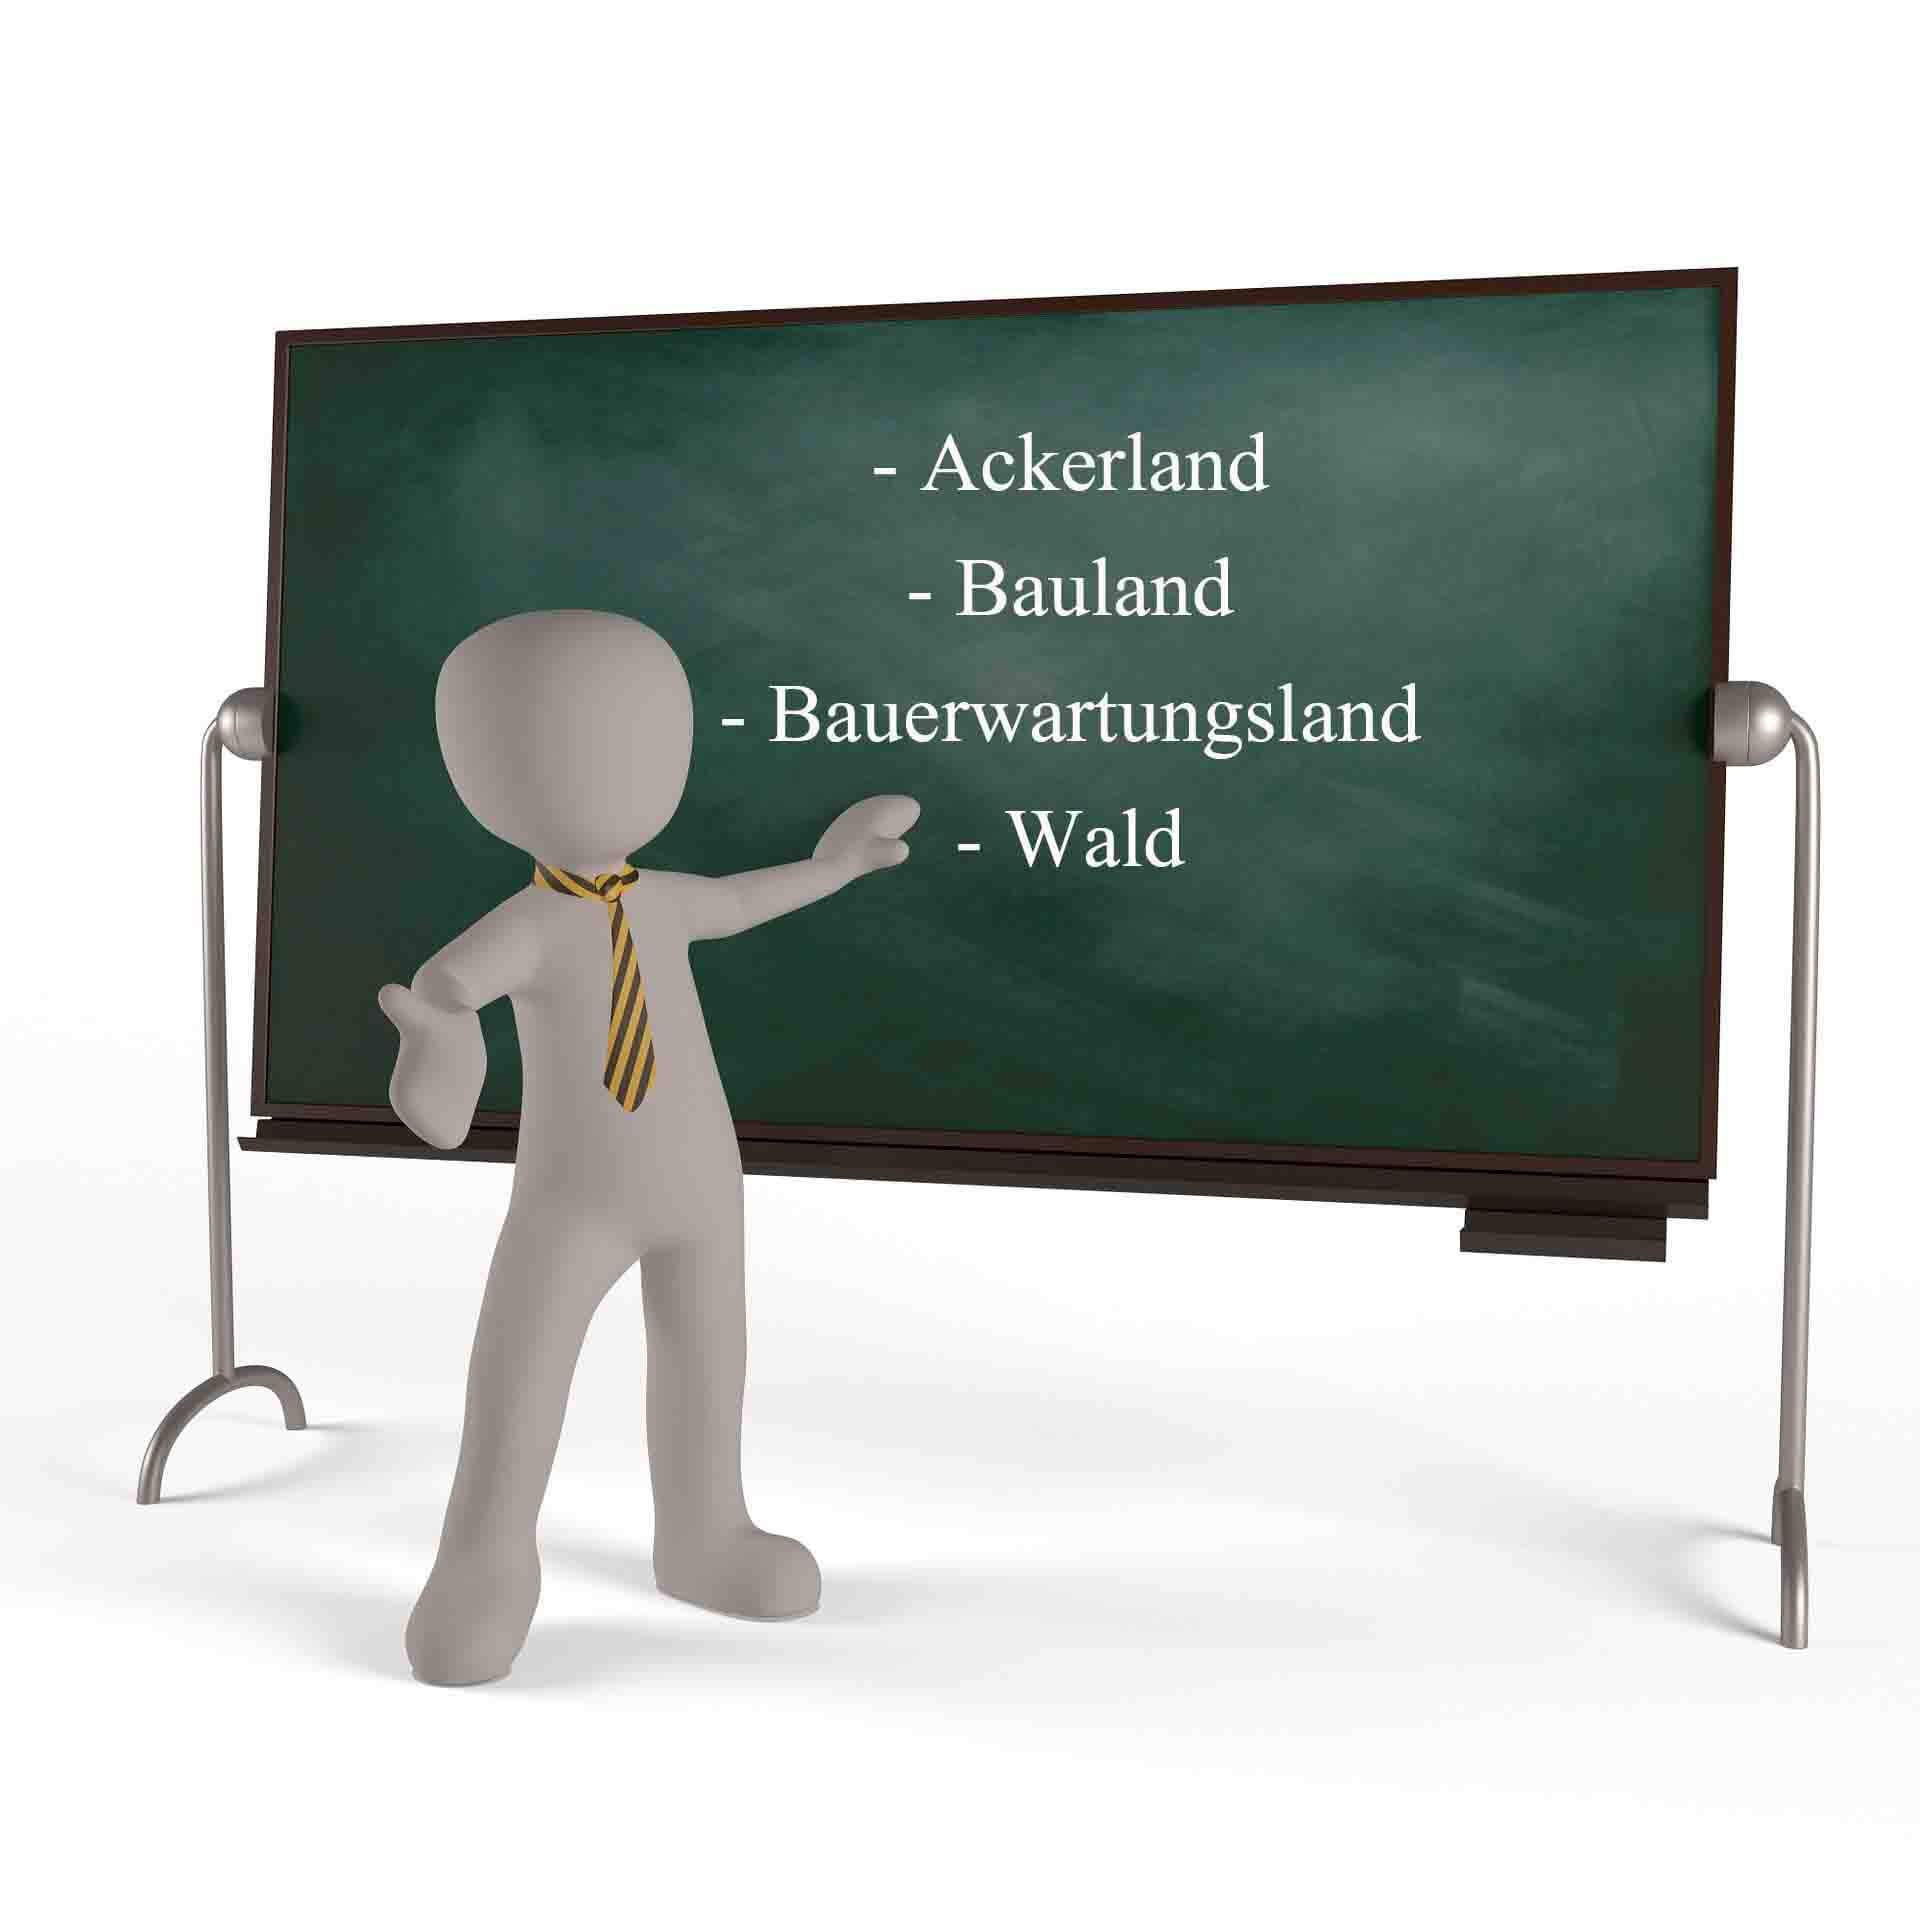 Ich suche Ackerland, Bauerwartungsland, Bauland und Wald